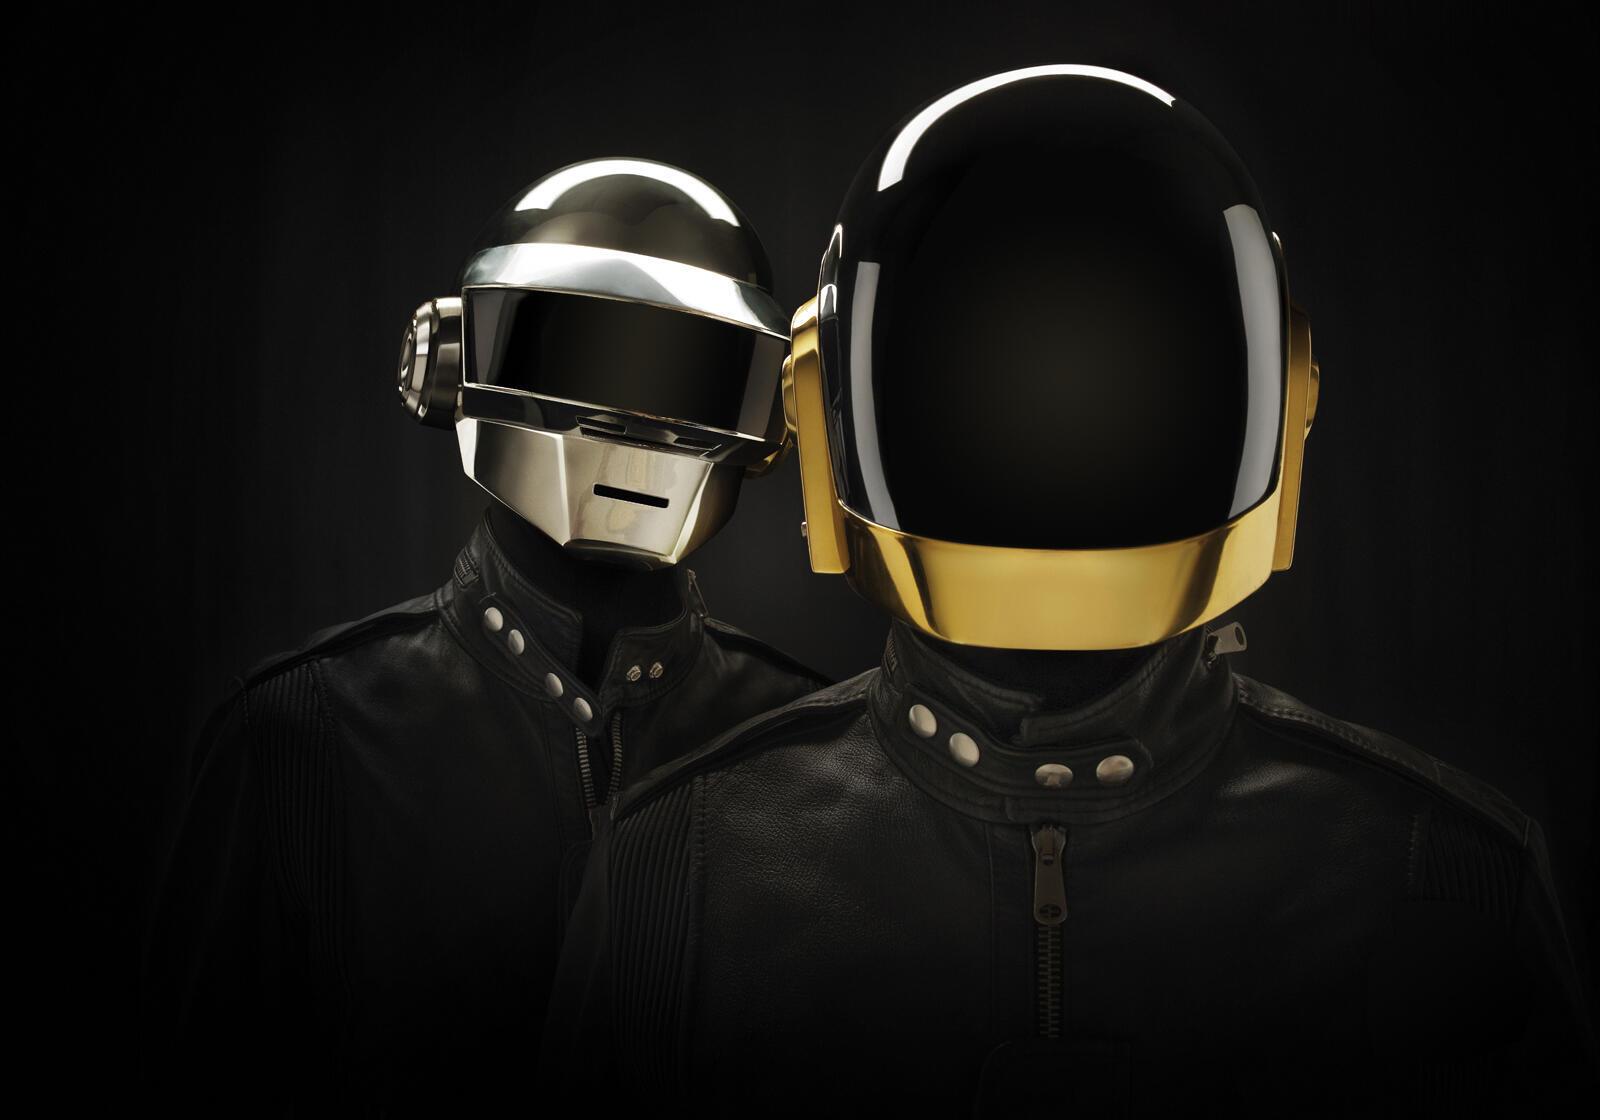 Thomas Bangalter e Guy-Manuel de Homem-Christo, os franceses do Daft Punk, que anunciam separação nesta segunda-feira, 22 de fevereiro de 2021.